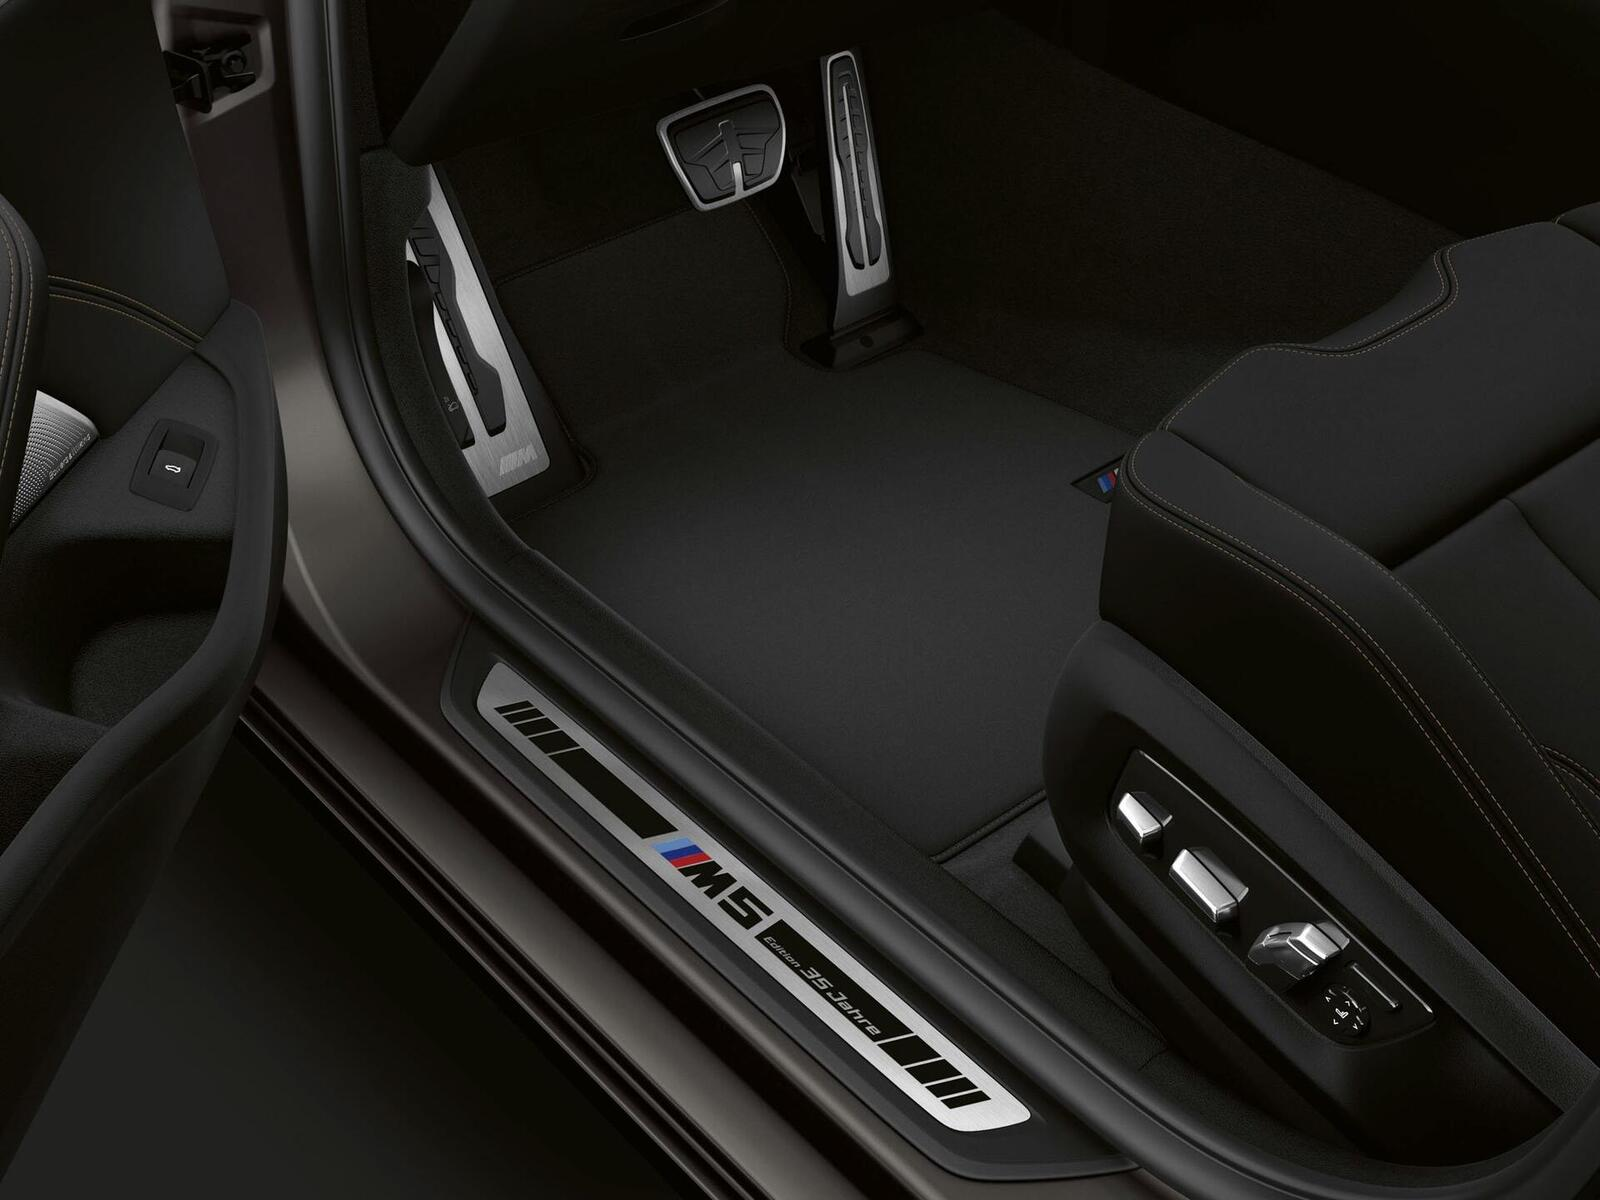 """Phiên bản đặc biệt của BMW tên M5 """"Edition 35 Jahre"""" được sản xuất giới hạn chỉ 350 chiếc - Hình 6"""